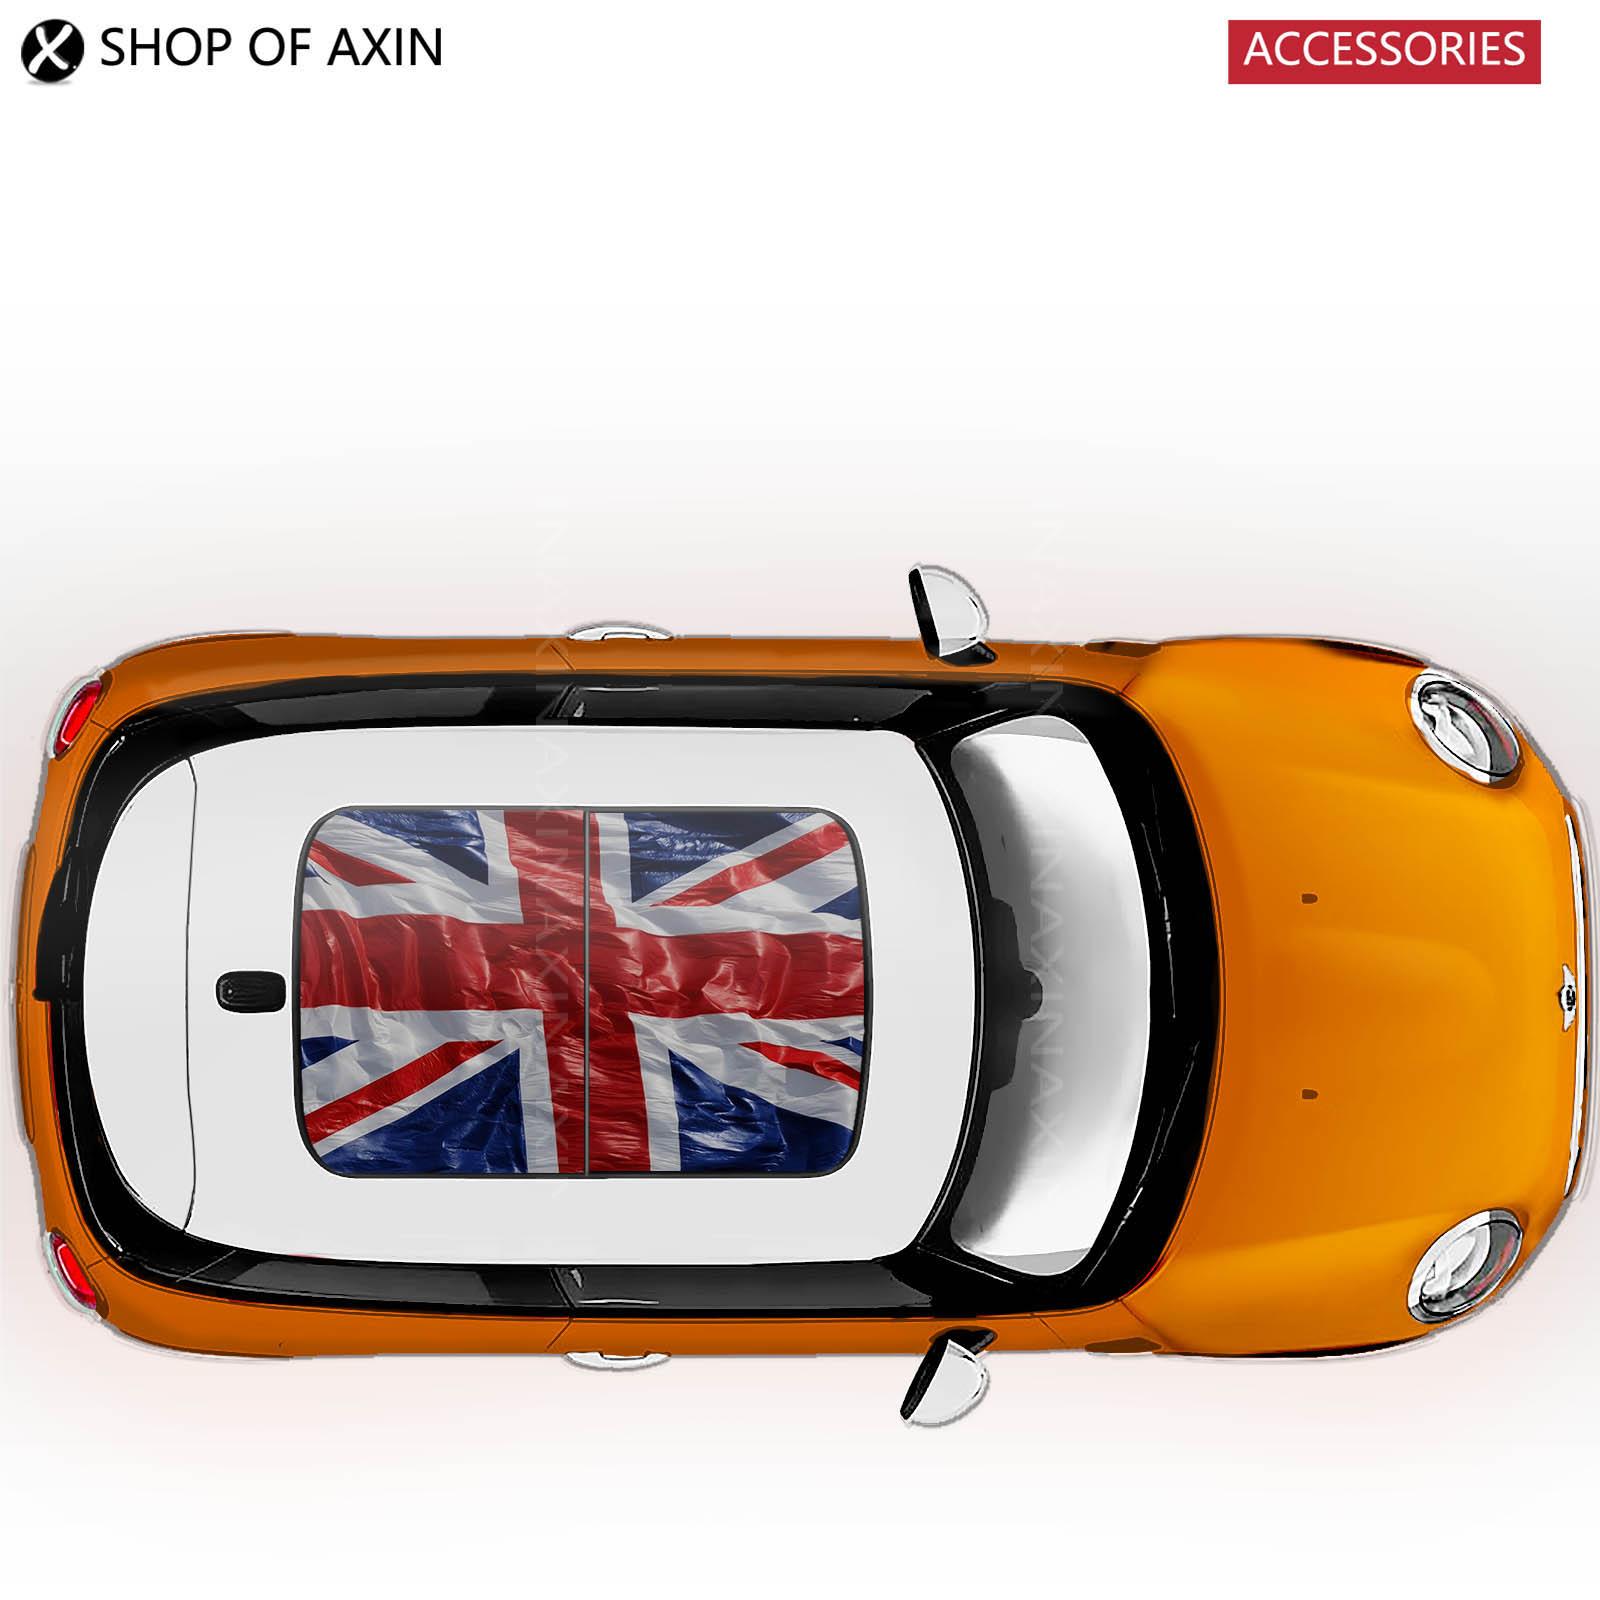 Волна флаг Великобритании колесные графика наклейки Люк для мини Купер земляк clubman в хардтоп Р50 r53 номер в r56 r55 описание фильтр R60 R61 f55, которая F56 F54